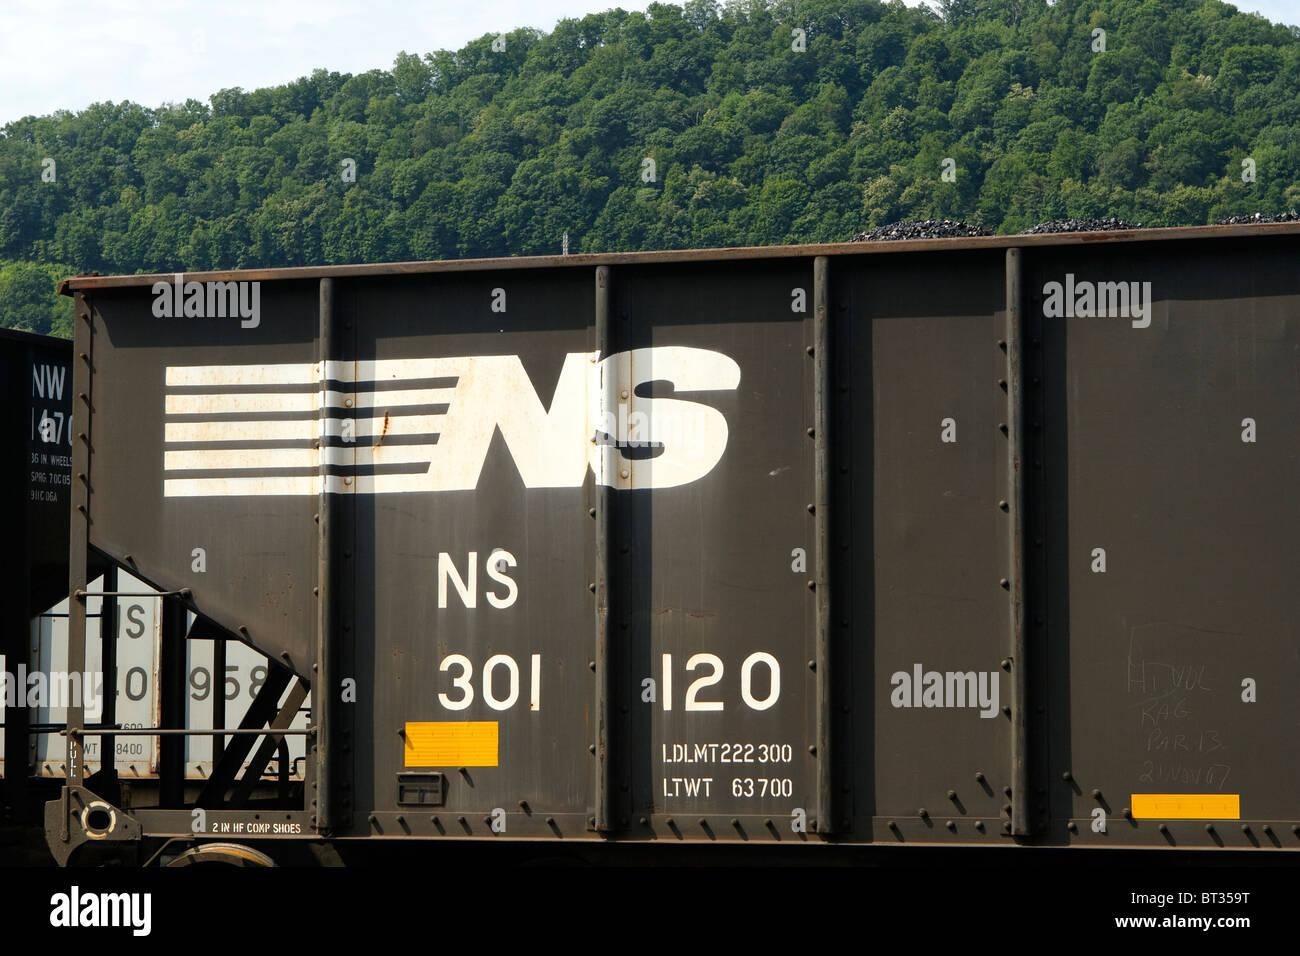 Eine Nahaufnahme von der Norfolk Southern Railway Logo branding auf einer Gondel Kohle Auto in West Virginia, USA. Stockfoto